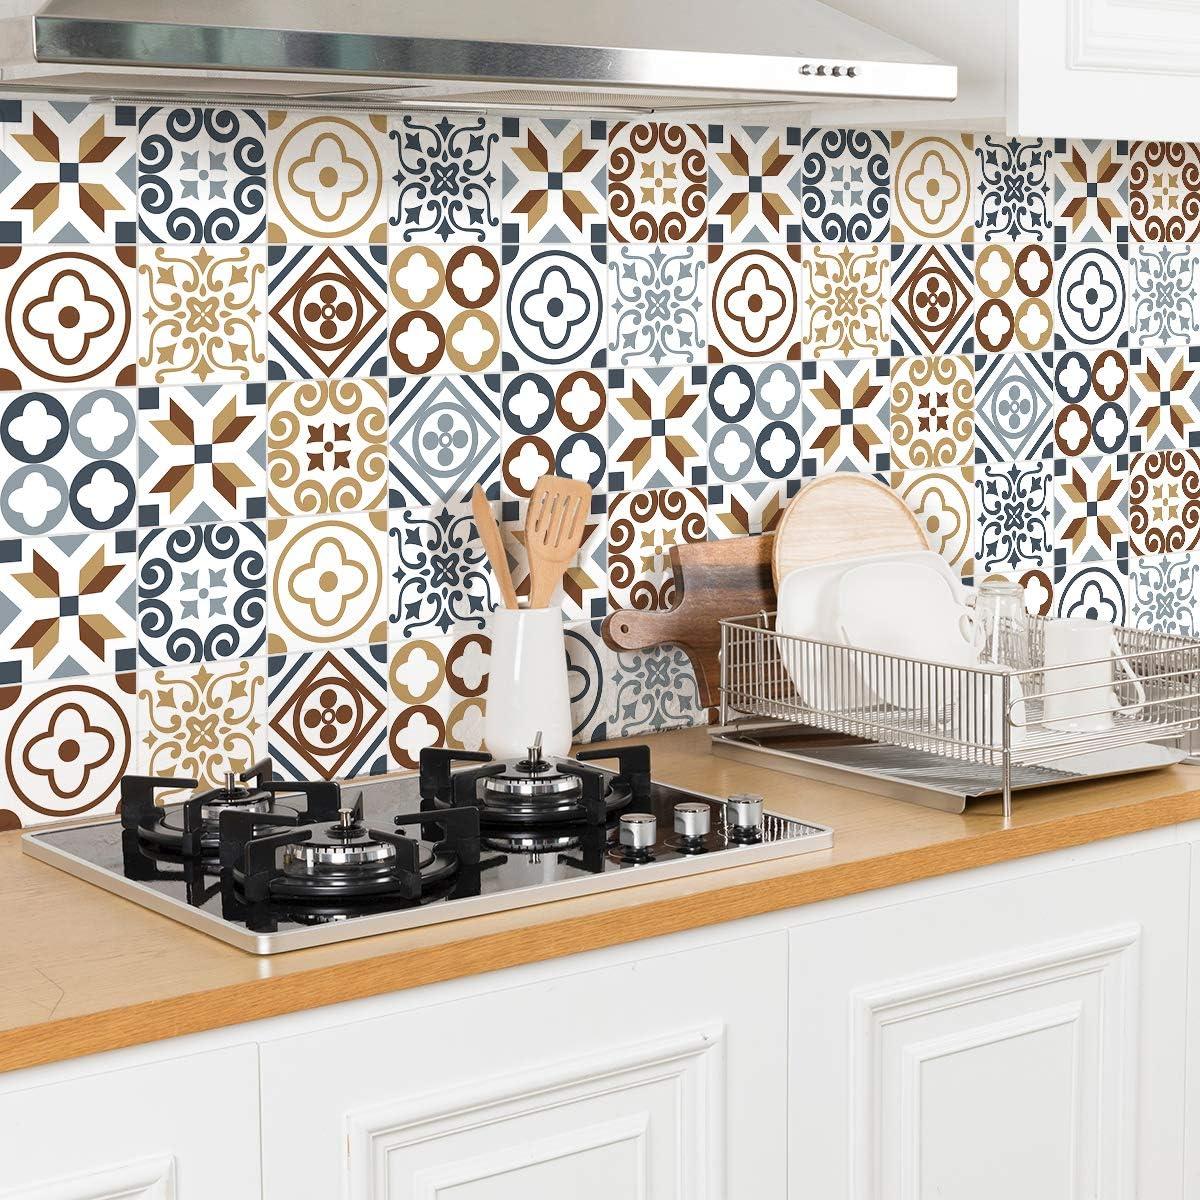 Piastrelle di Cemento Adesivo da Parete Ambiance Sticker Adesivi Piastrelle Adesive 20 x 20 cm Adesivo Piastrelle di Cemento 30 Pezzi Decorazione Murale Adesivi Tessere per Bagno e Cucina